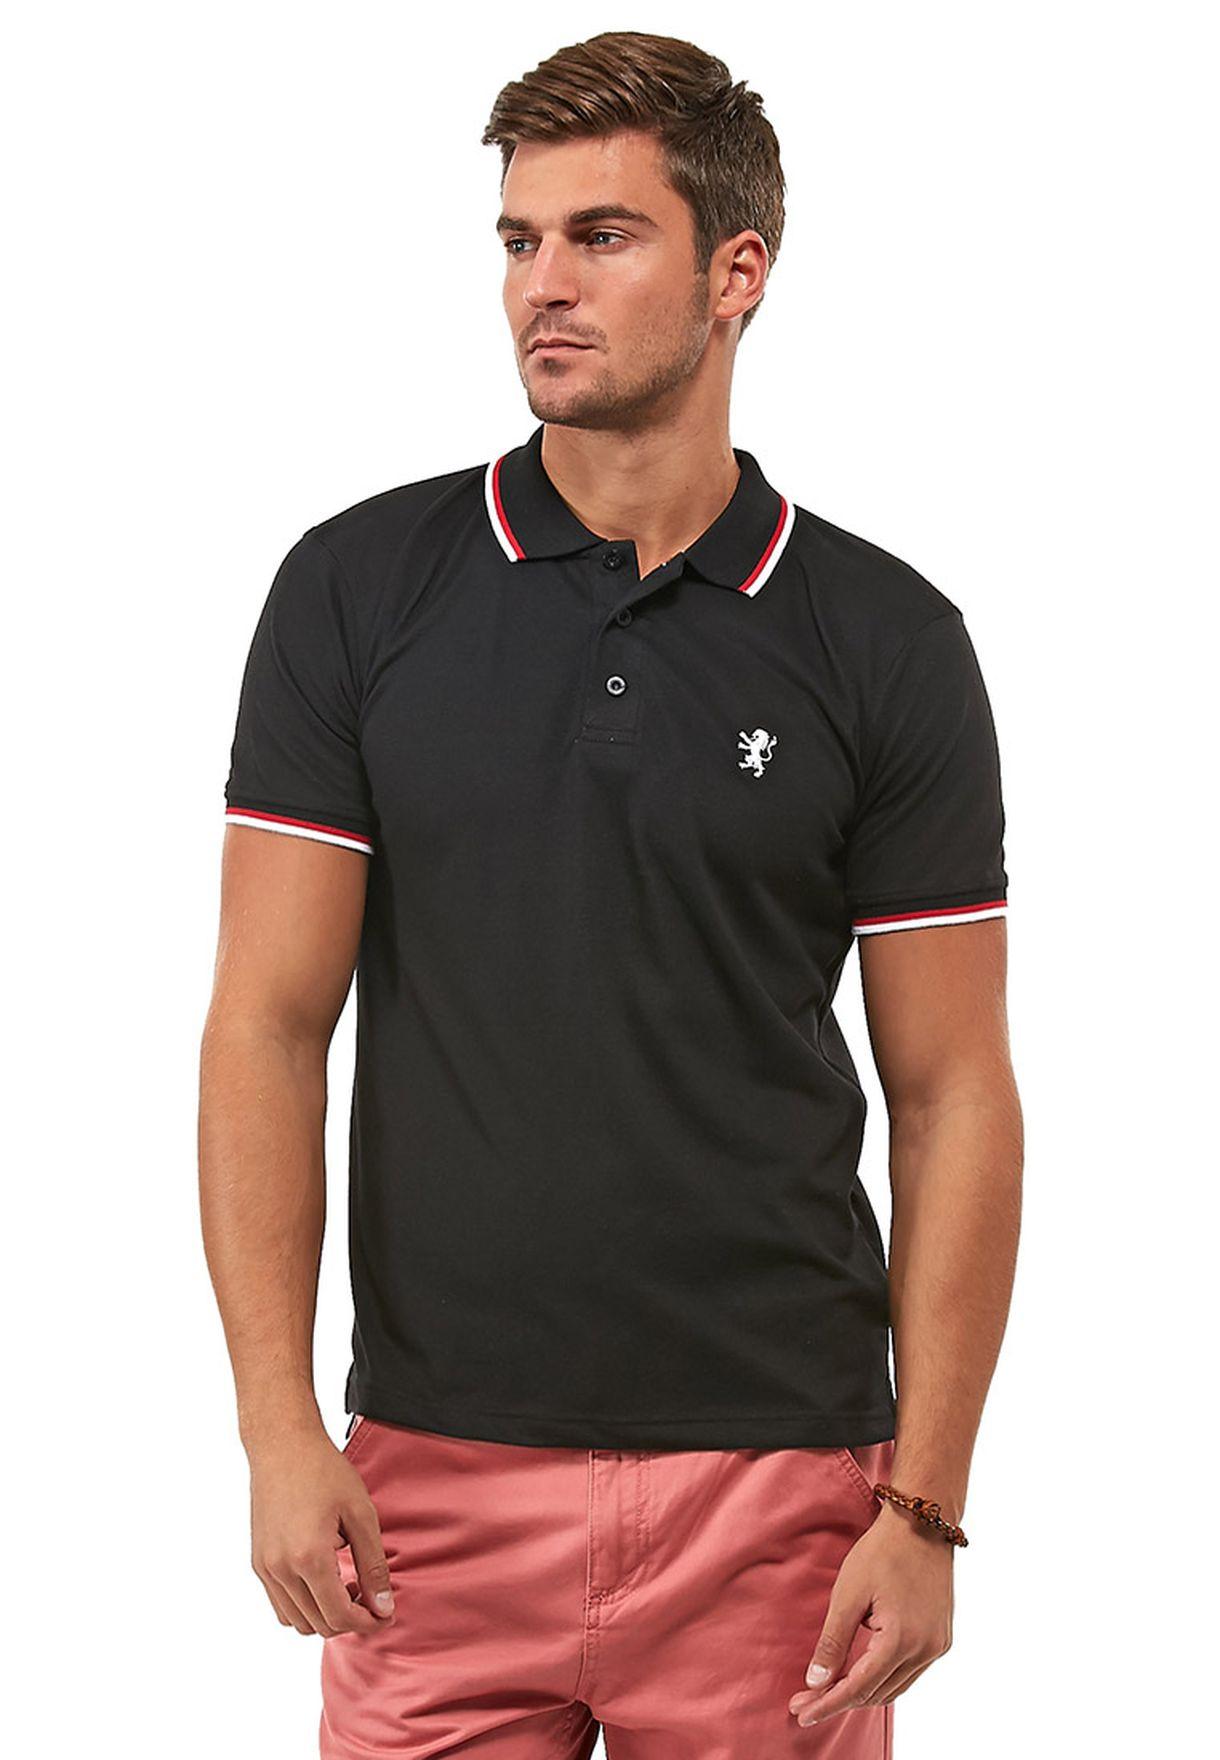 fe1915cdb تسوق قميص بولو بثلاثة أزرار ماركة برايف سول لون أسود في قطر ...